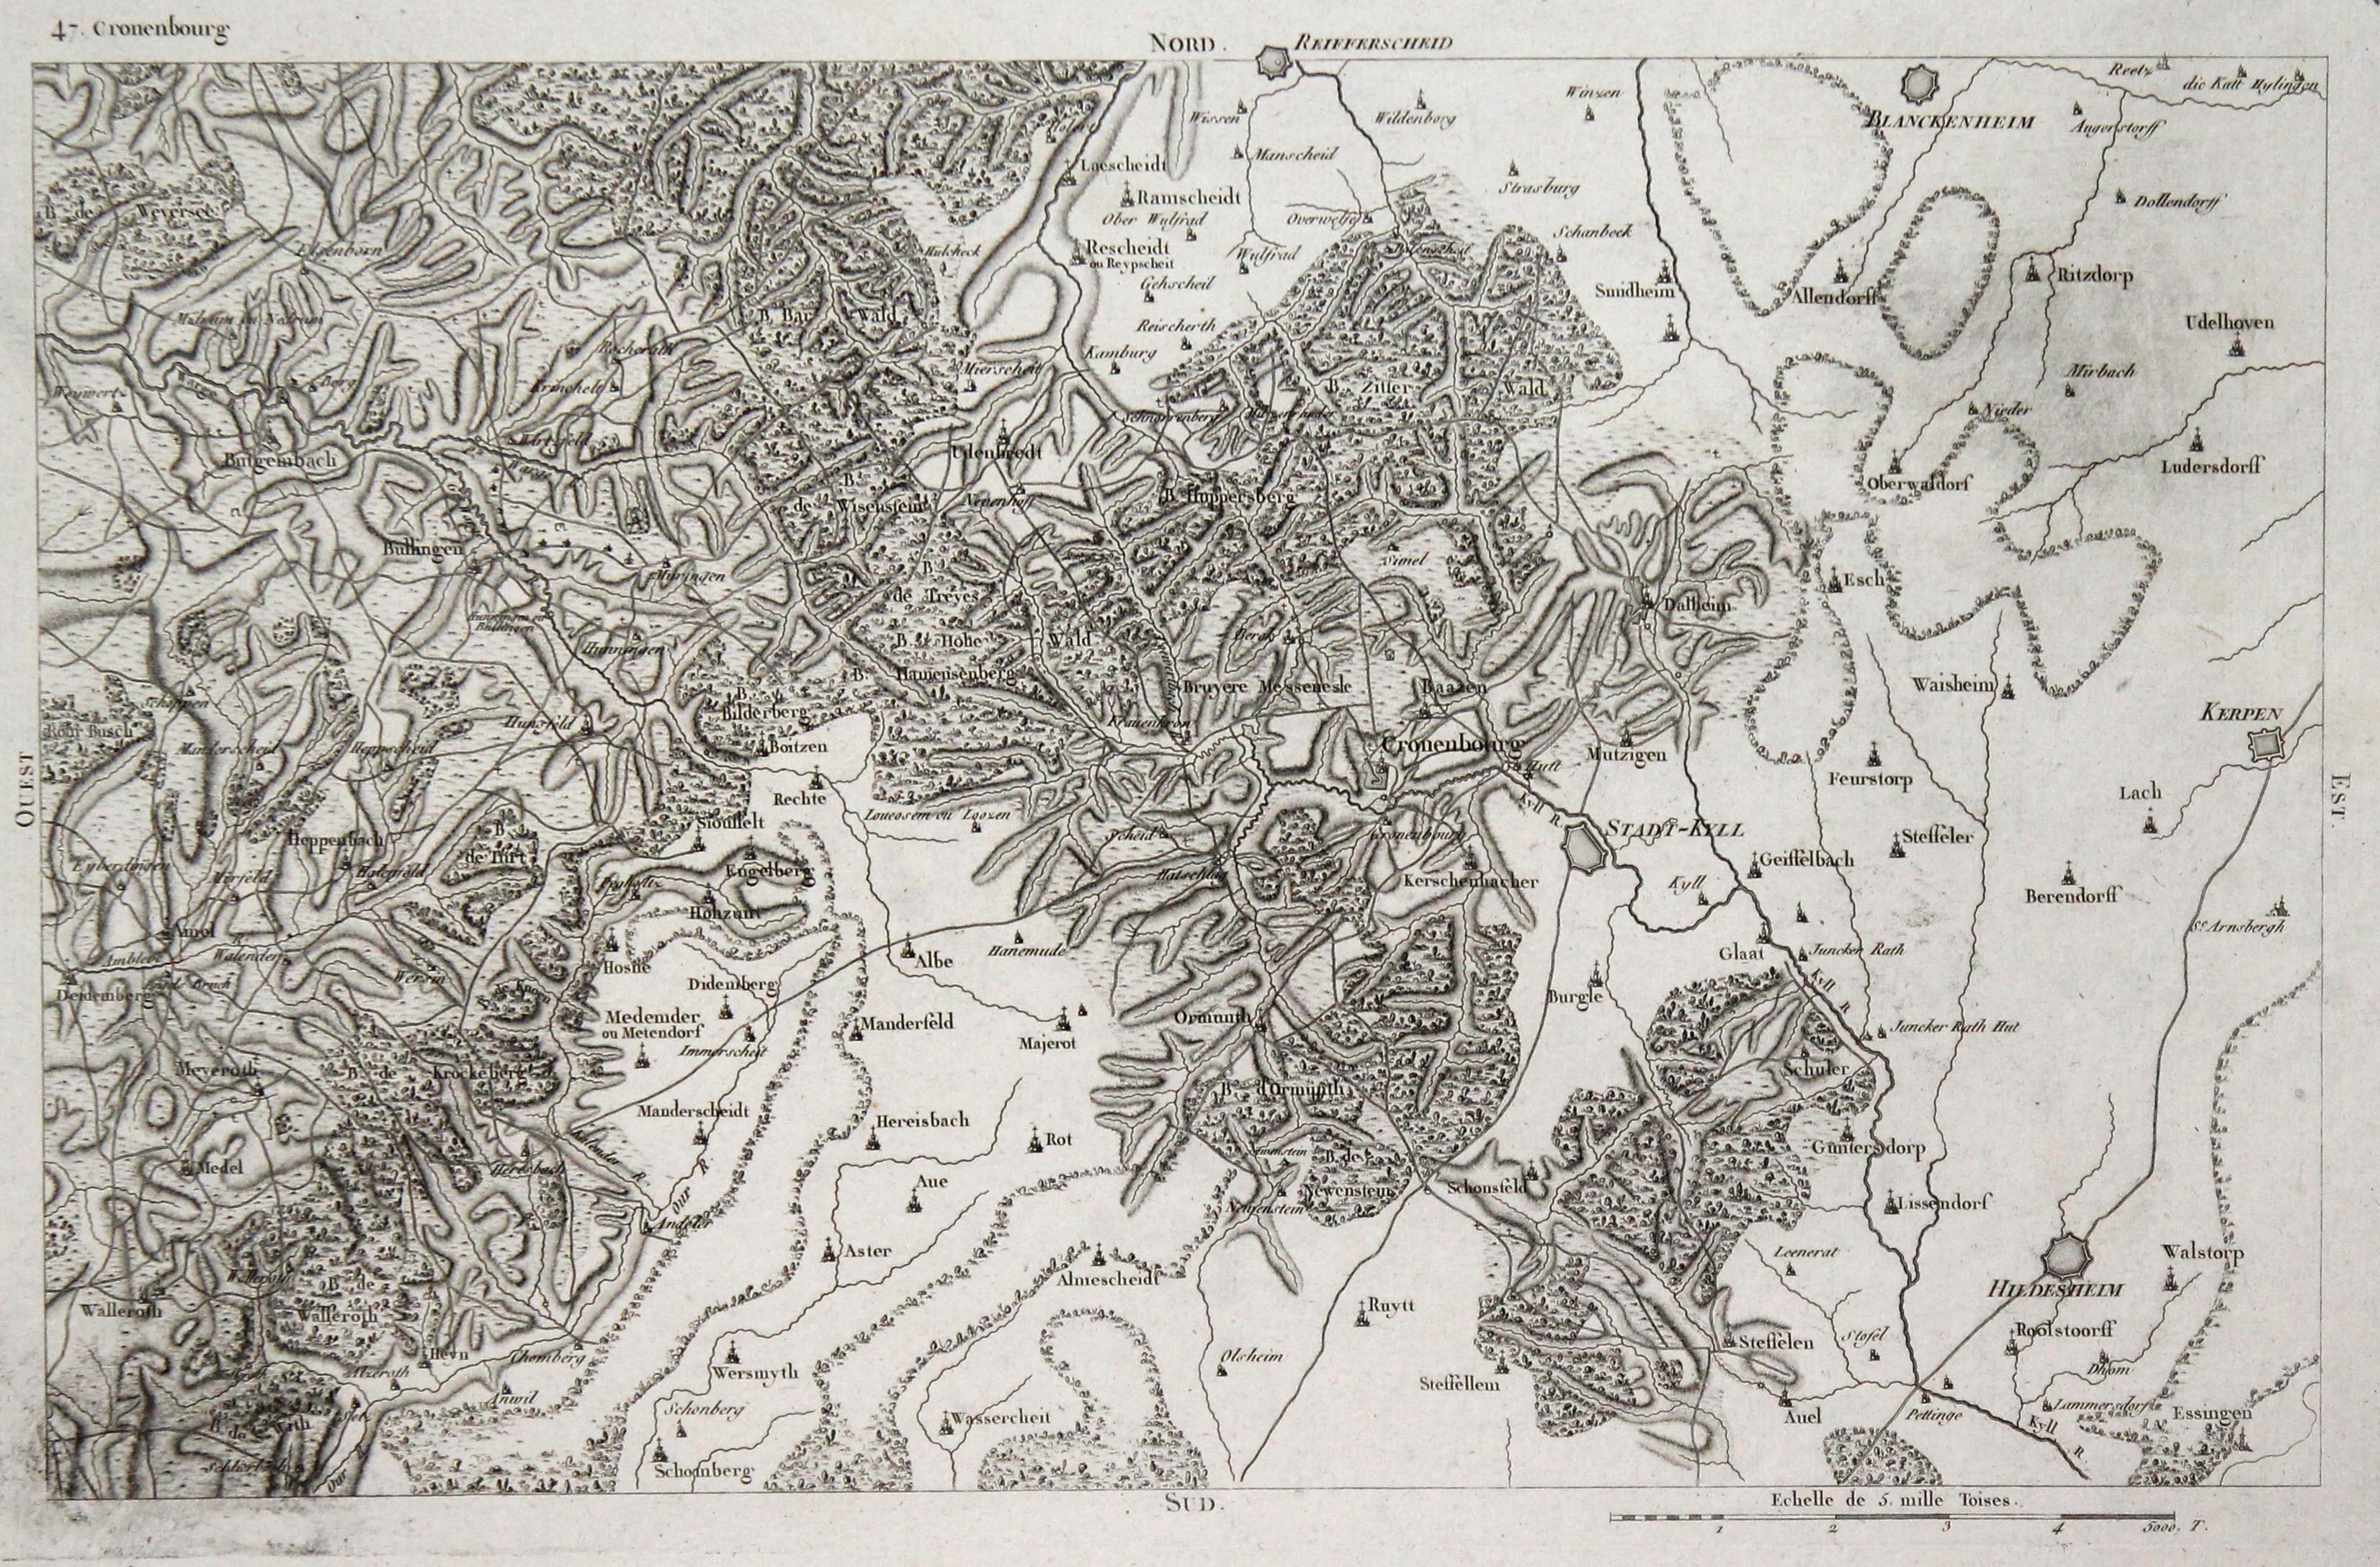 Karte Eifel.Kupferstich Karte V Capitaine